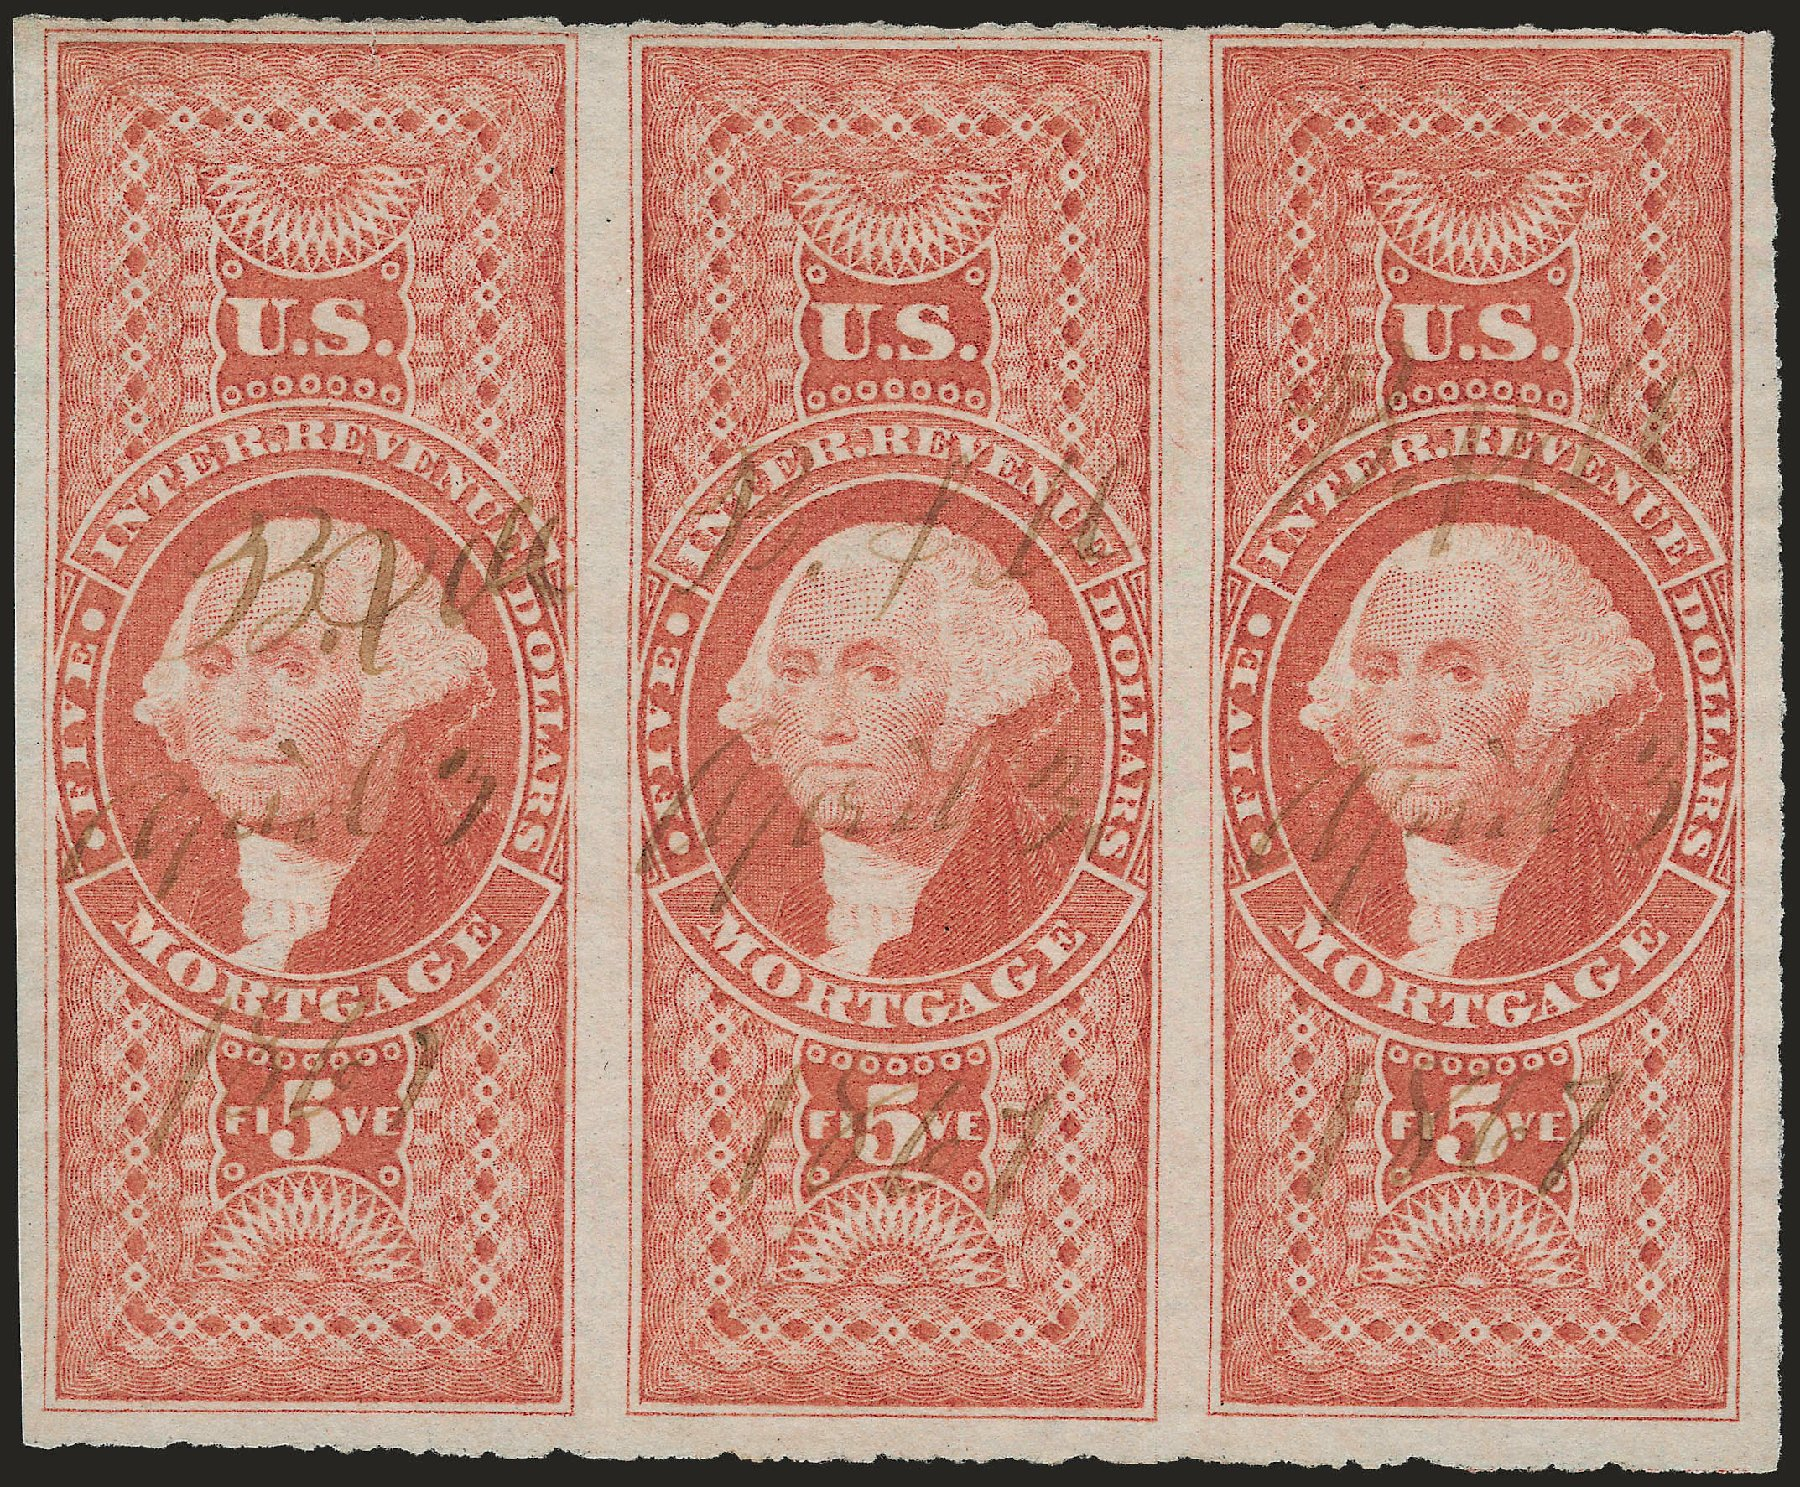 US Stamp Values Scott Catalogue # R91: US$5.00 1862 Revenue Mortgage. Robert Siegel Auction Galleries, Jun 2009, Sale 975, Lot 2297